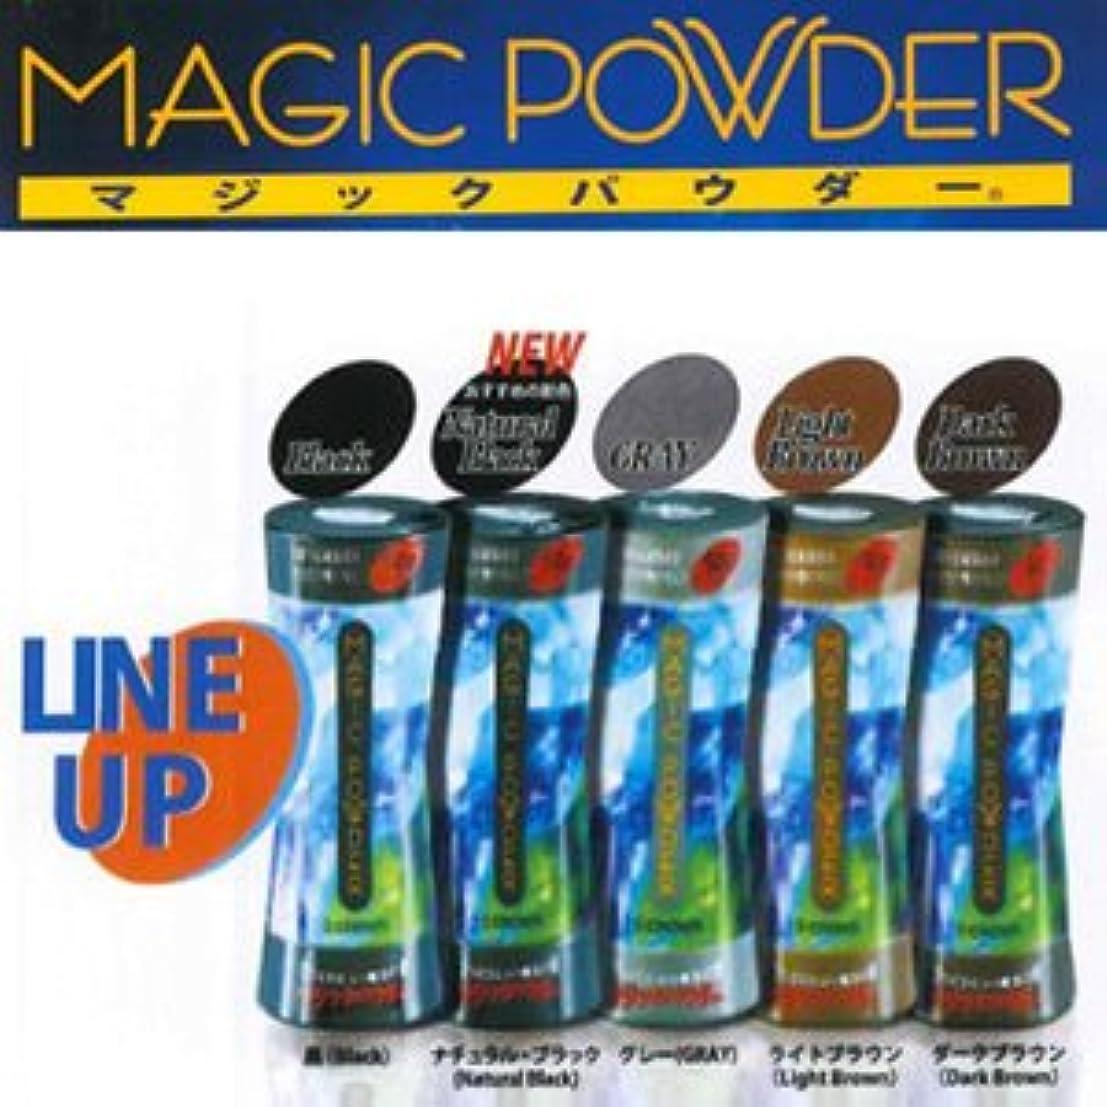 端粉砕するプロポーショナルMAGIC POWDER マジックパウダー ナチュラル?ブラック 50g 2個セット ※貴方の髪を簡単ボリュームアップ!